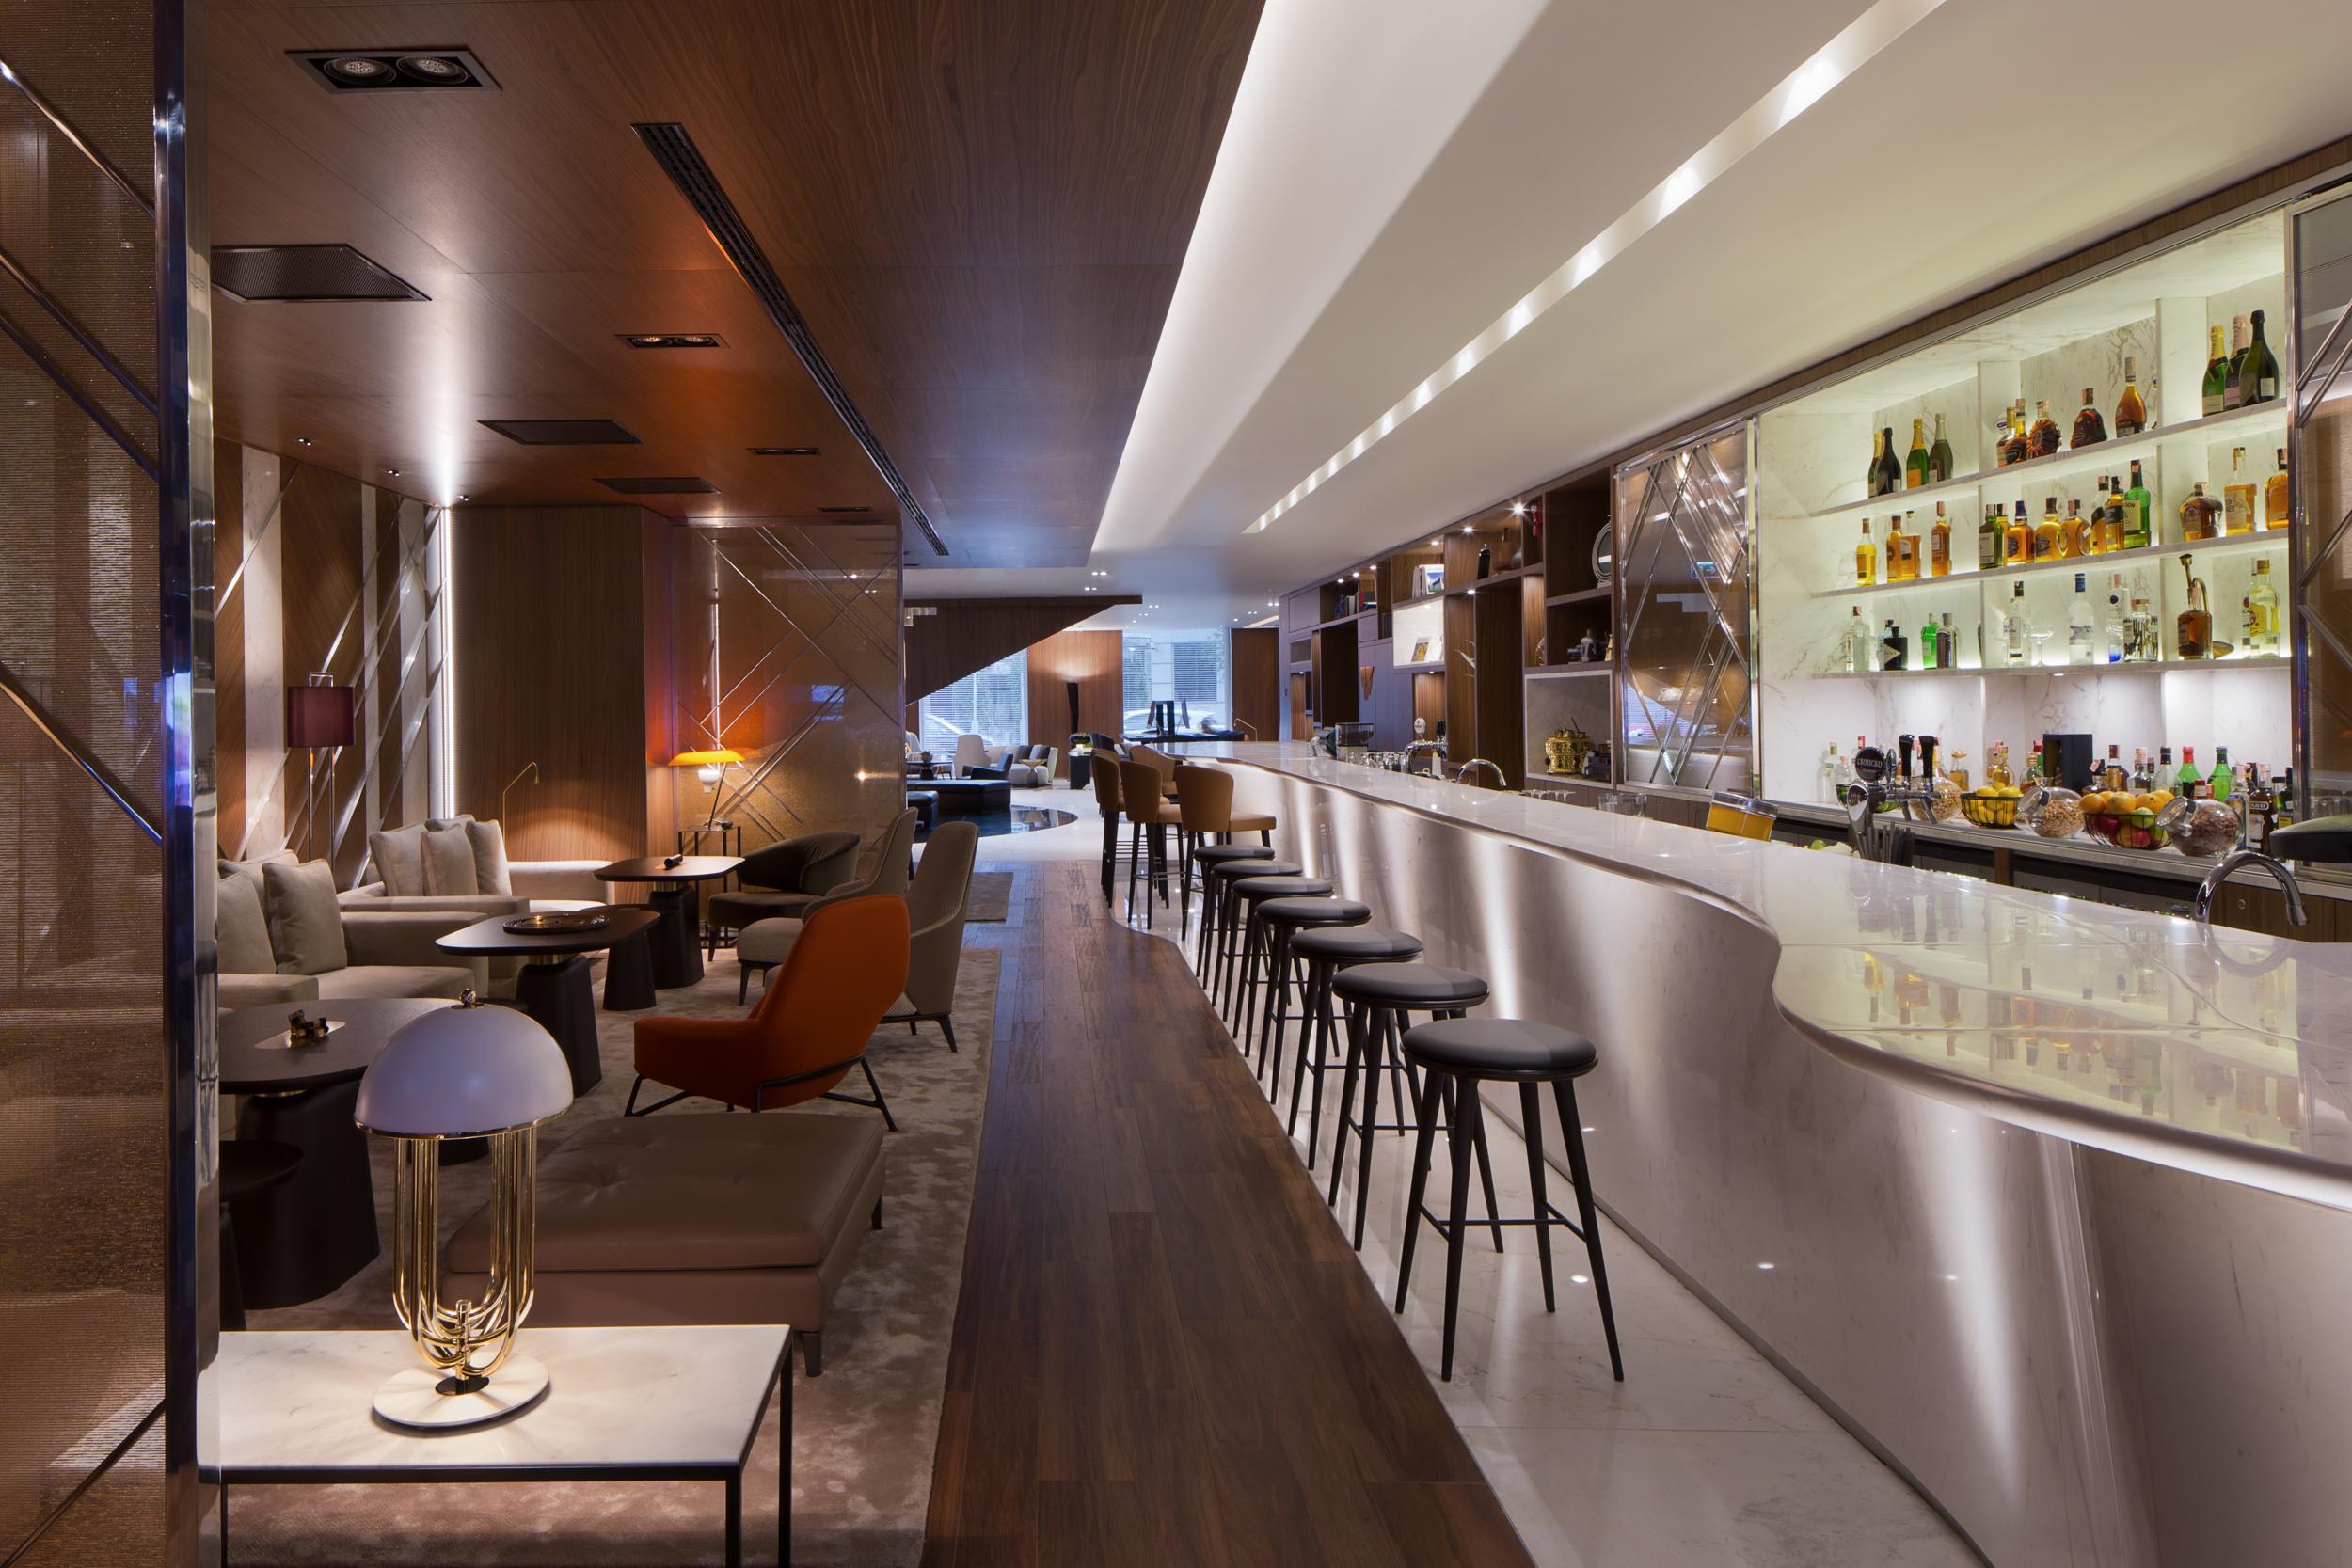 Distrikt Bar And Kitchen Skopje Menu